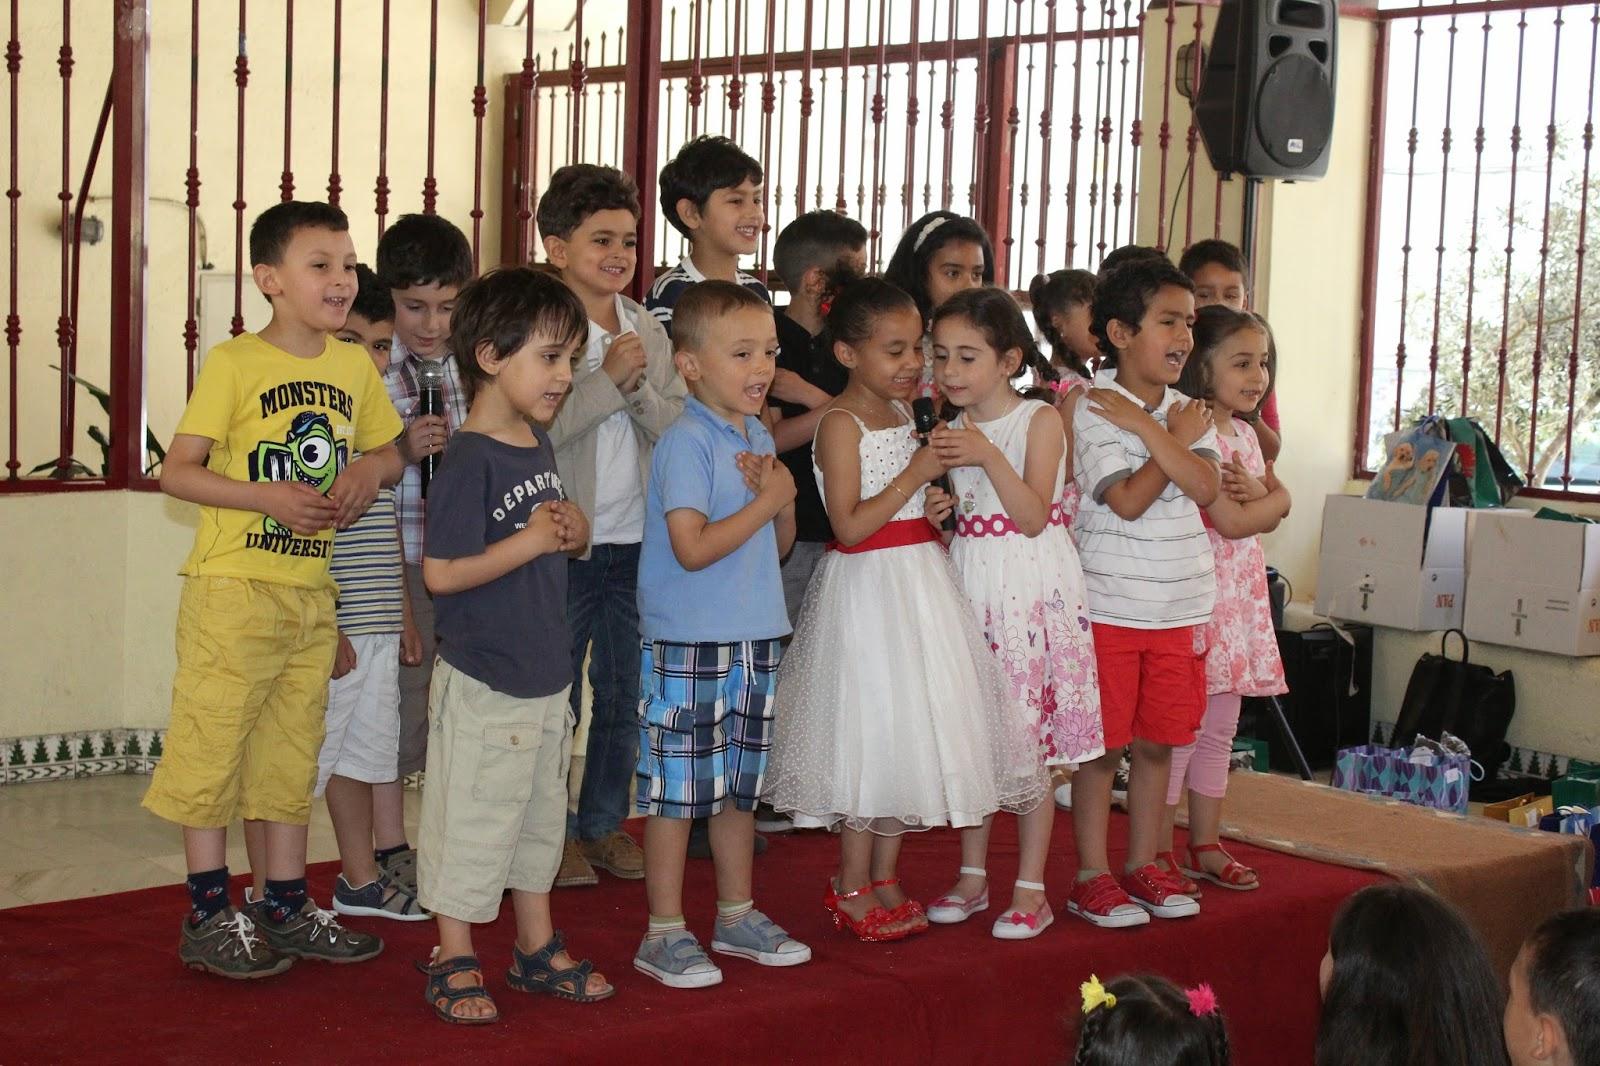 En Un Ambiente Lleno De Alegria Y Felicidad Los Invitados Compartieron Unos Aperitivos Ofrecidos Por Los Jovenes De La Mezquita A Todos Los Presentes